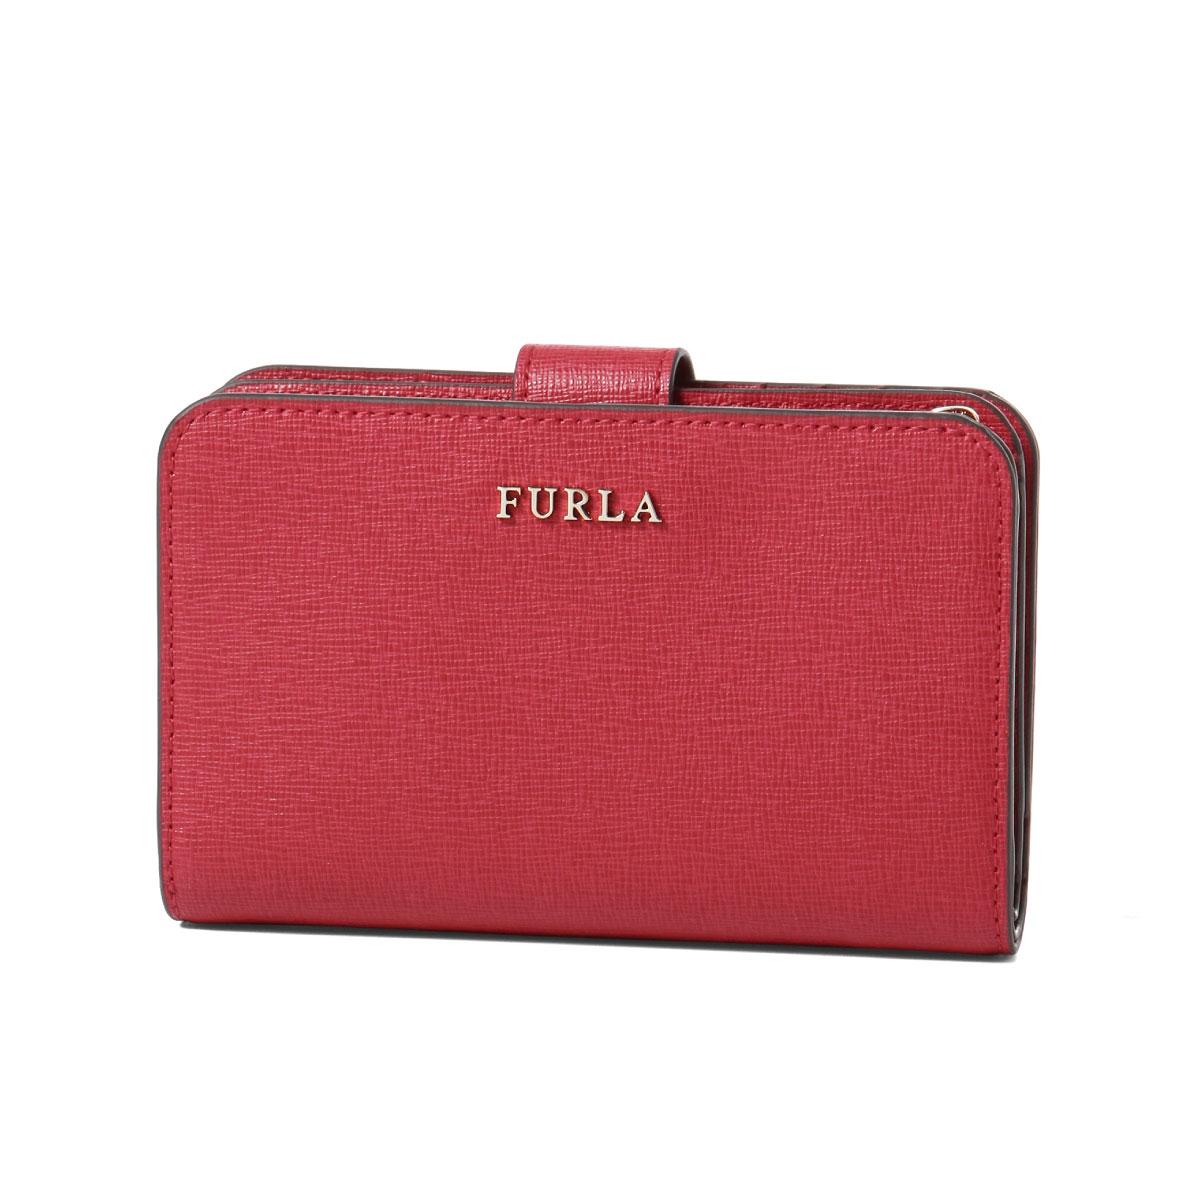 フルラ FURLA 財布 レディース 872837 PR85 B30 RUB 二つ折り財布 ミディアム BABYLON M ZIP AROUND バビロン RUBY レッド